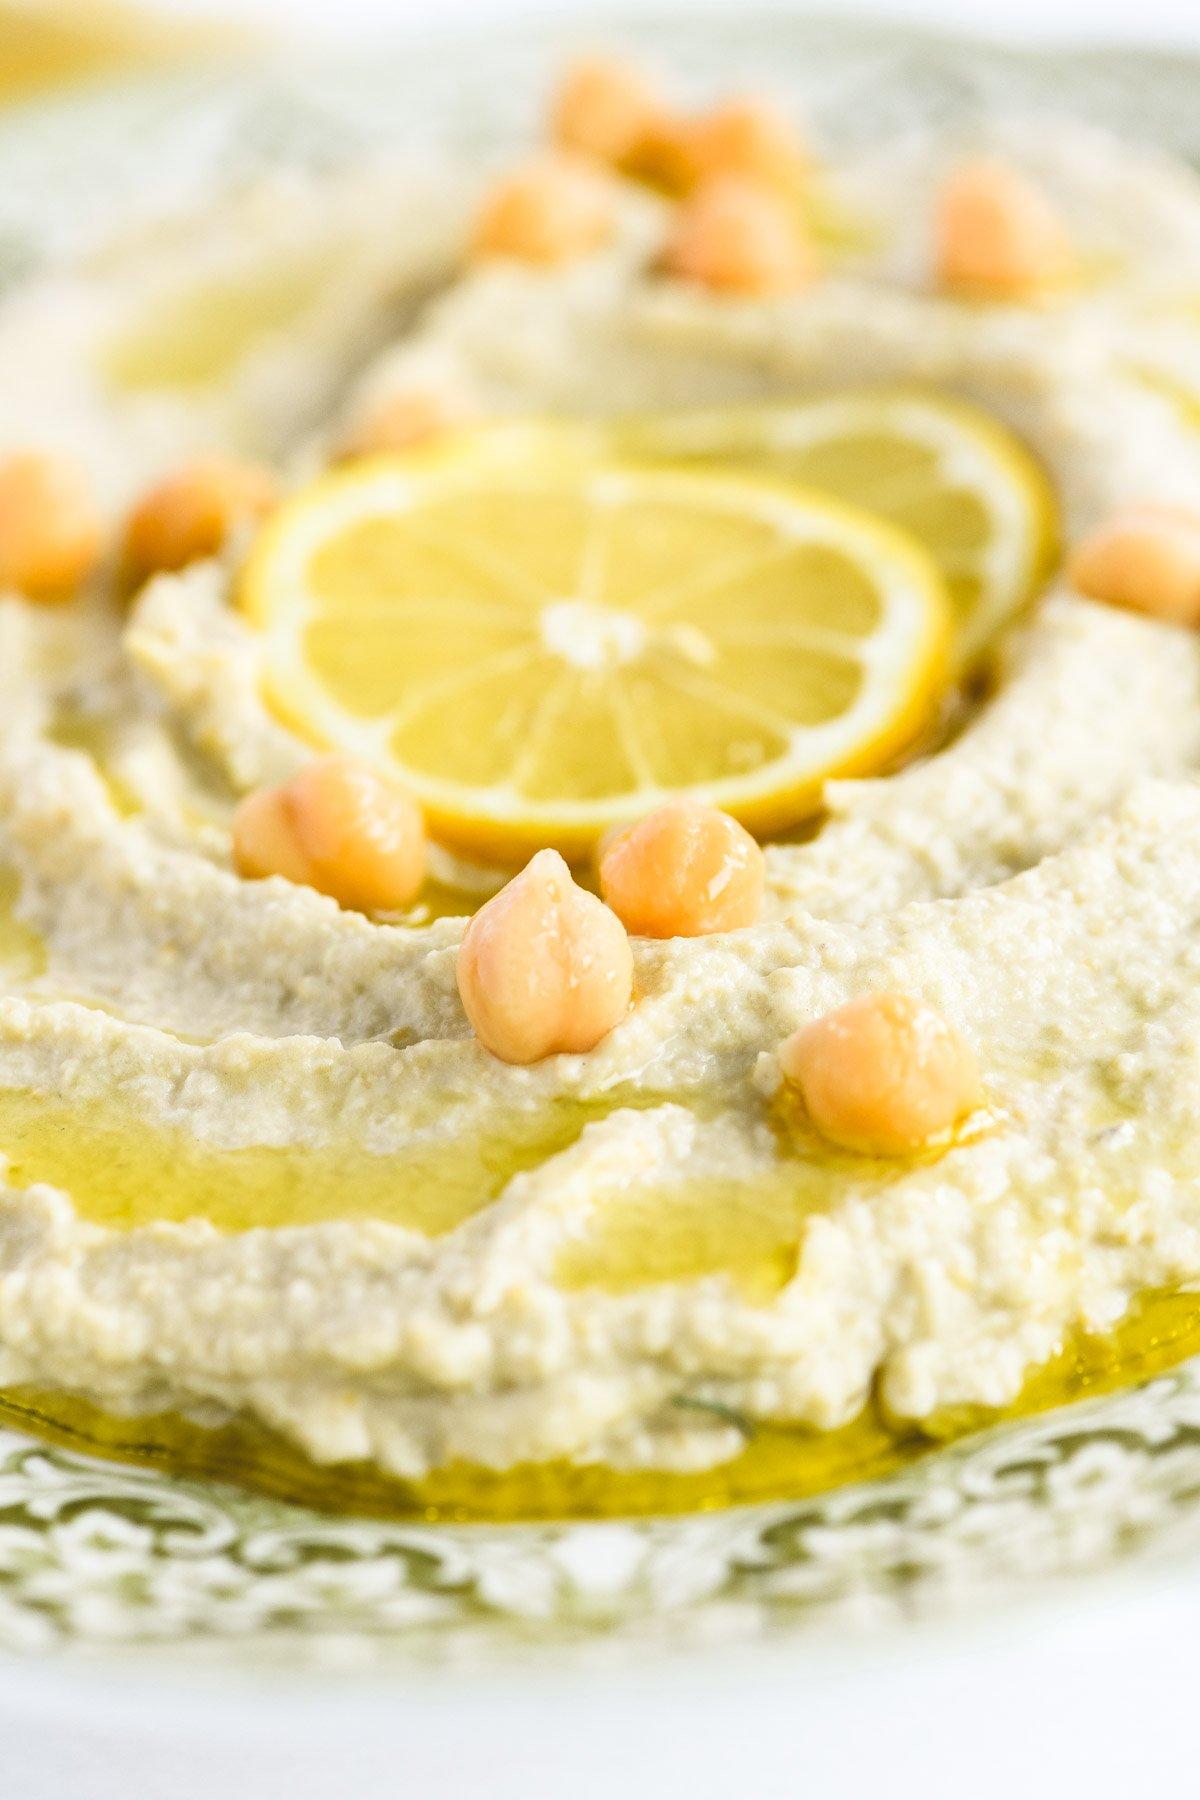 lemon artichoke hummus with lemon slices